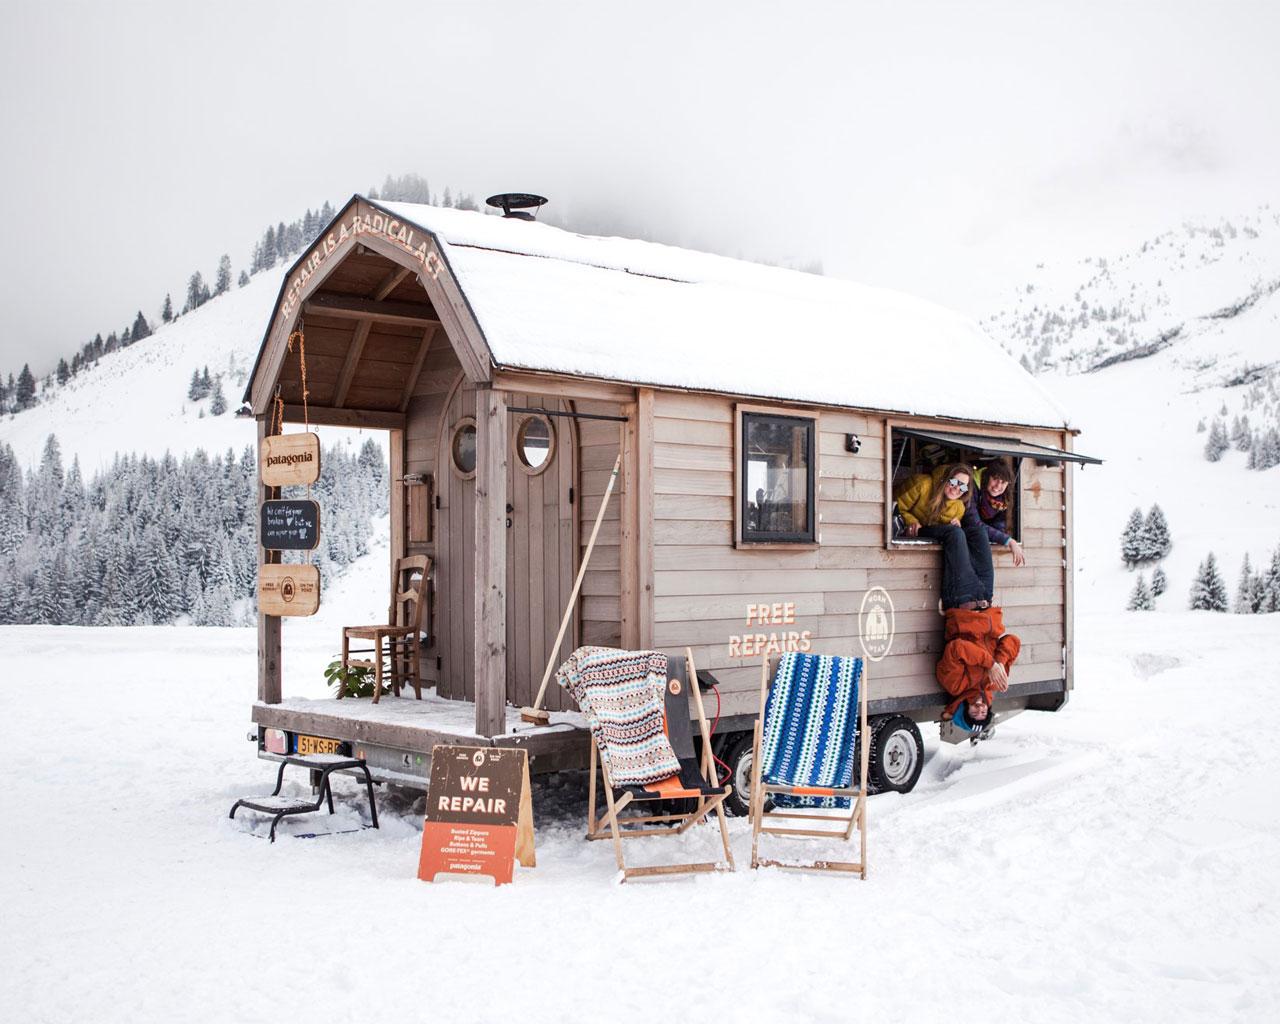 patagonia-hut